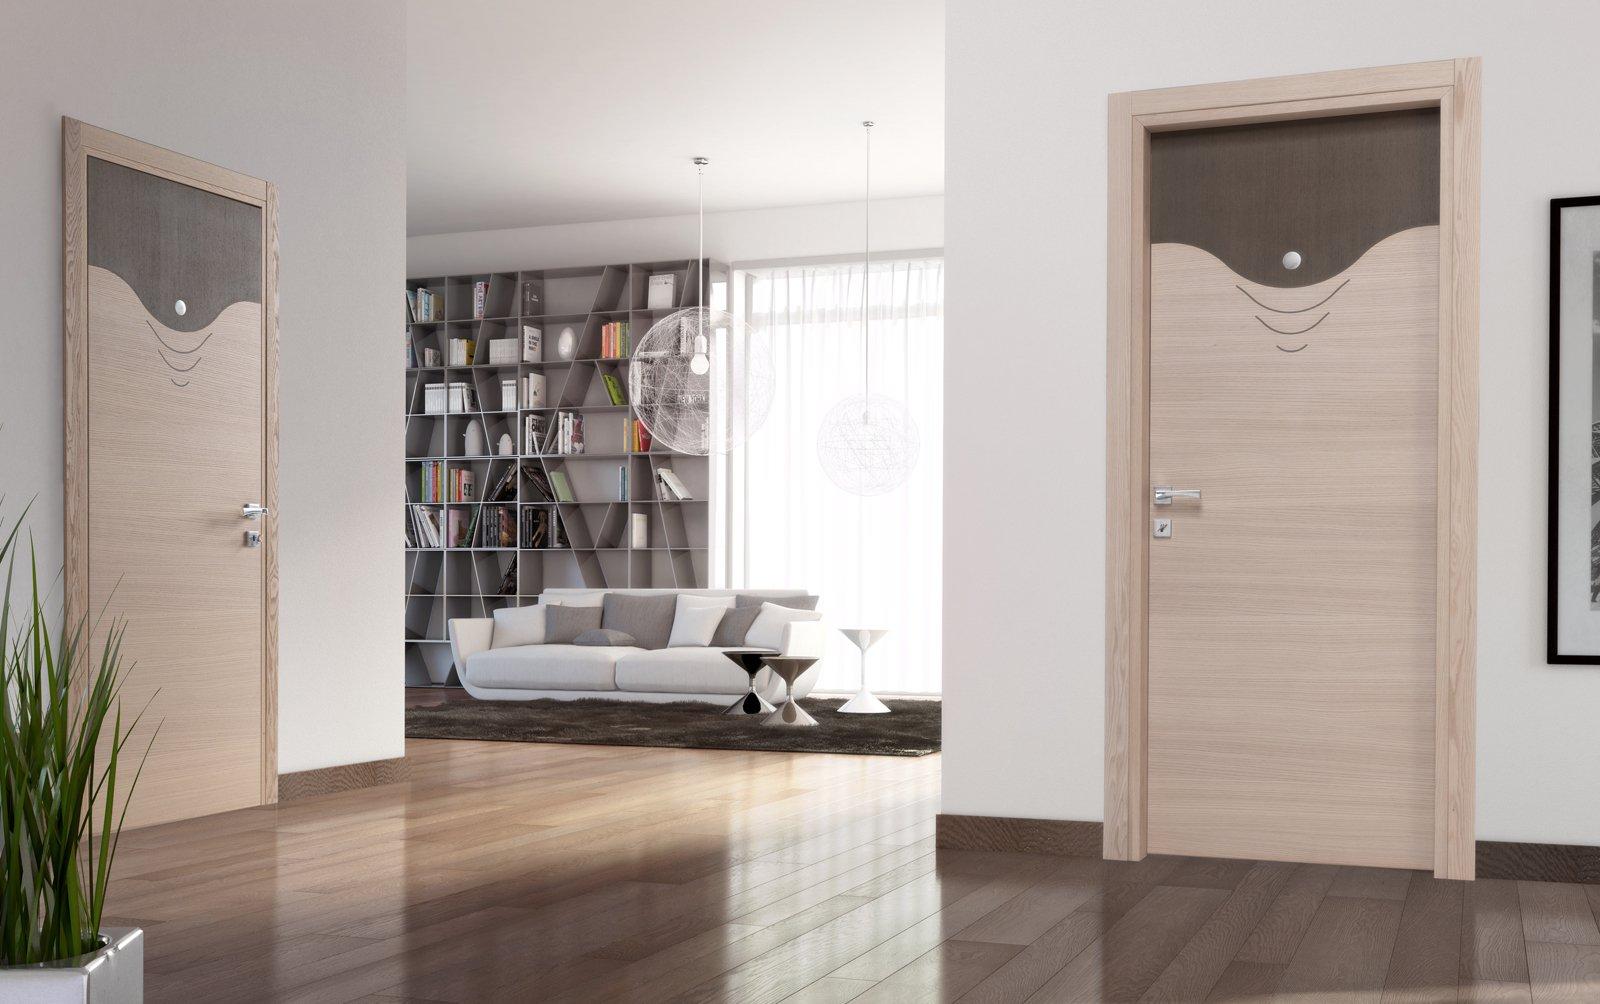 Porte e arredo i consigli su come abbinare stili e rifiniture  Cose di Casa